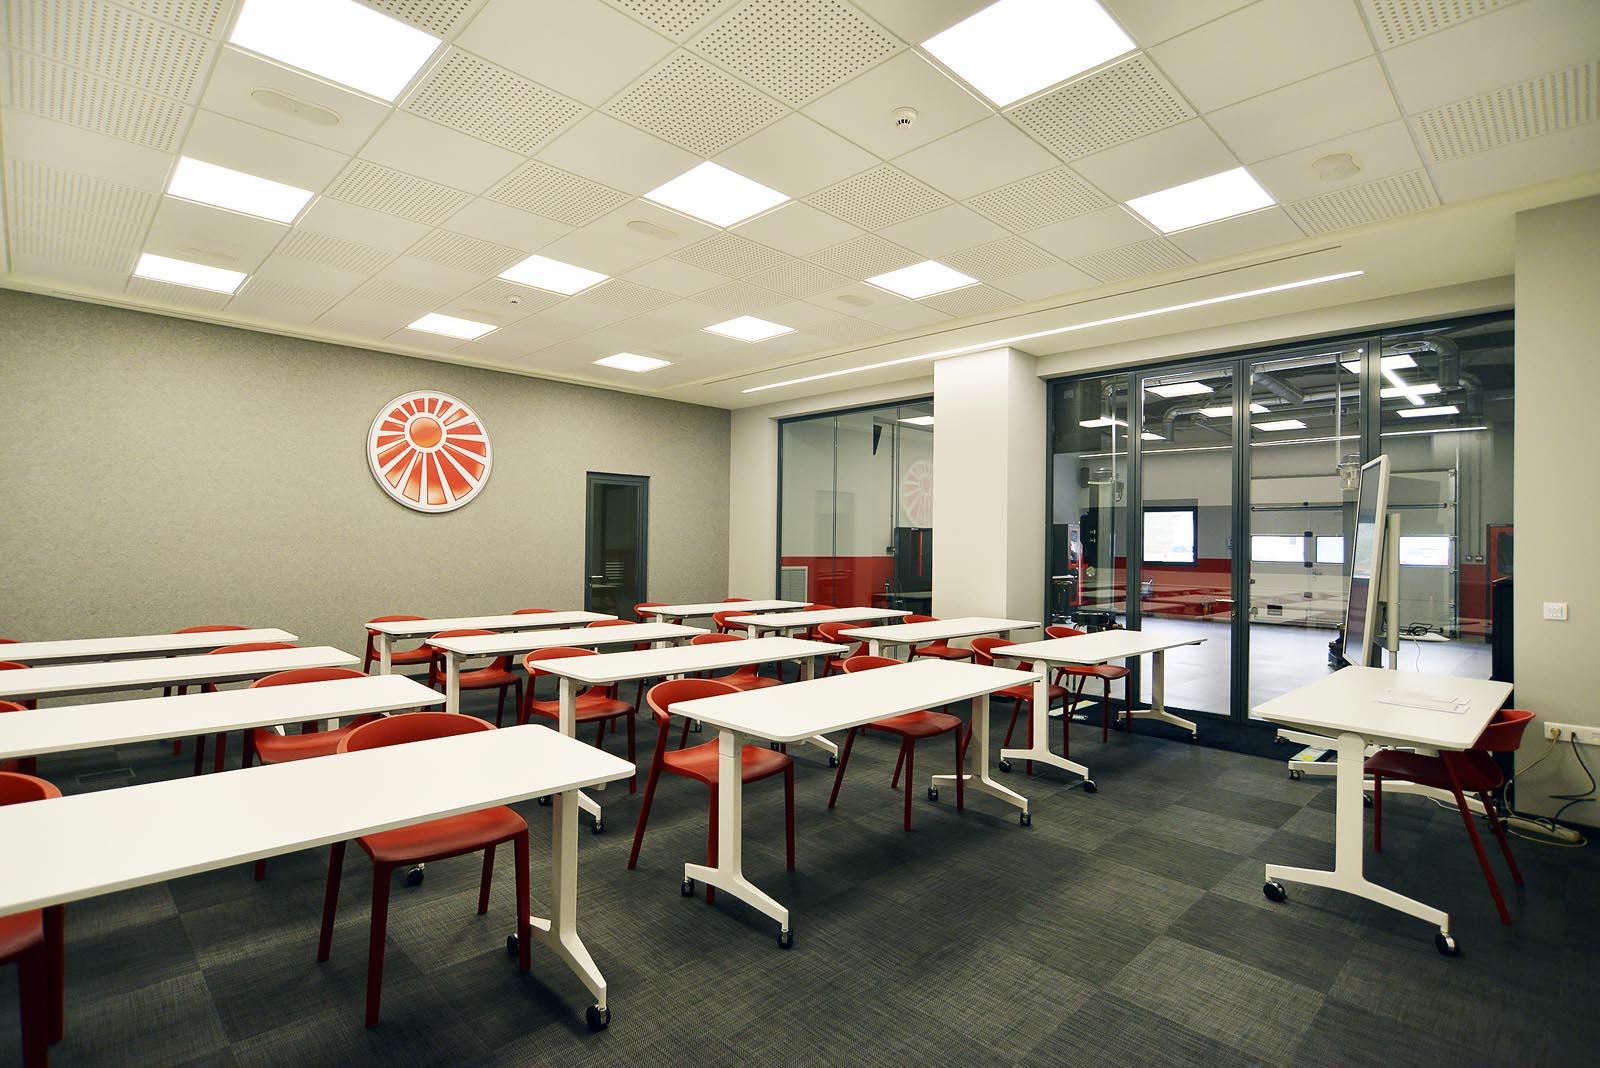 Photo of Νέο Τεχνικό Εκπαιδευτικό Κέντρο στις εγκαταστάσεις της Ιαπωνικής